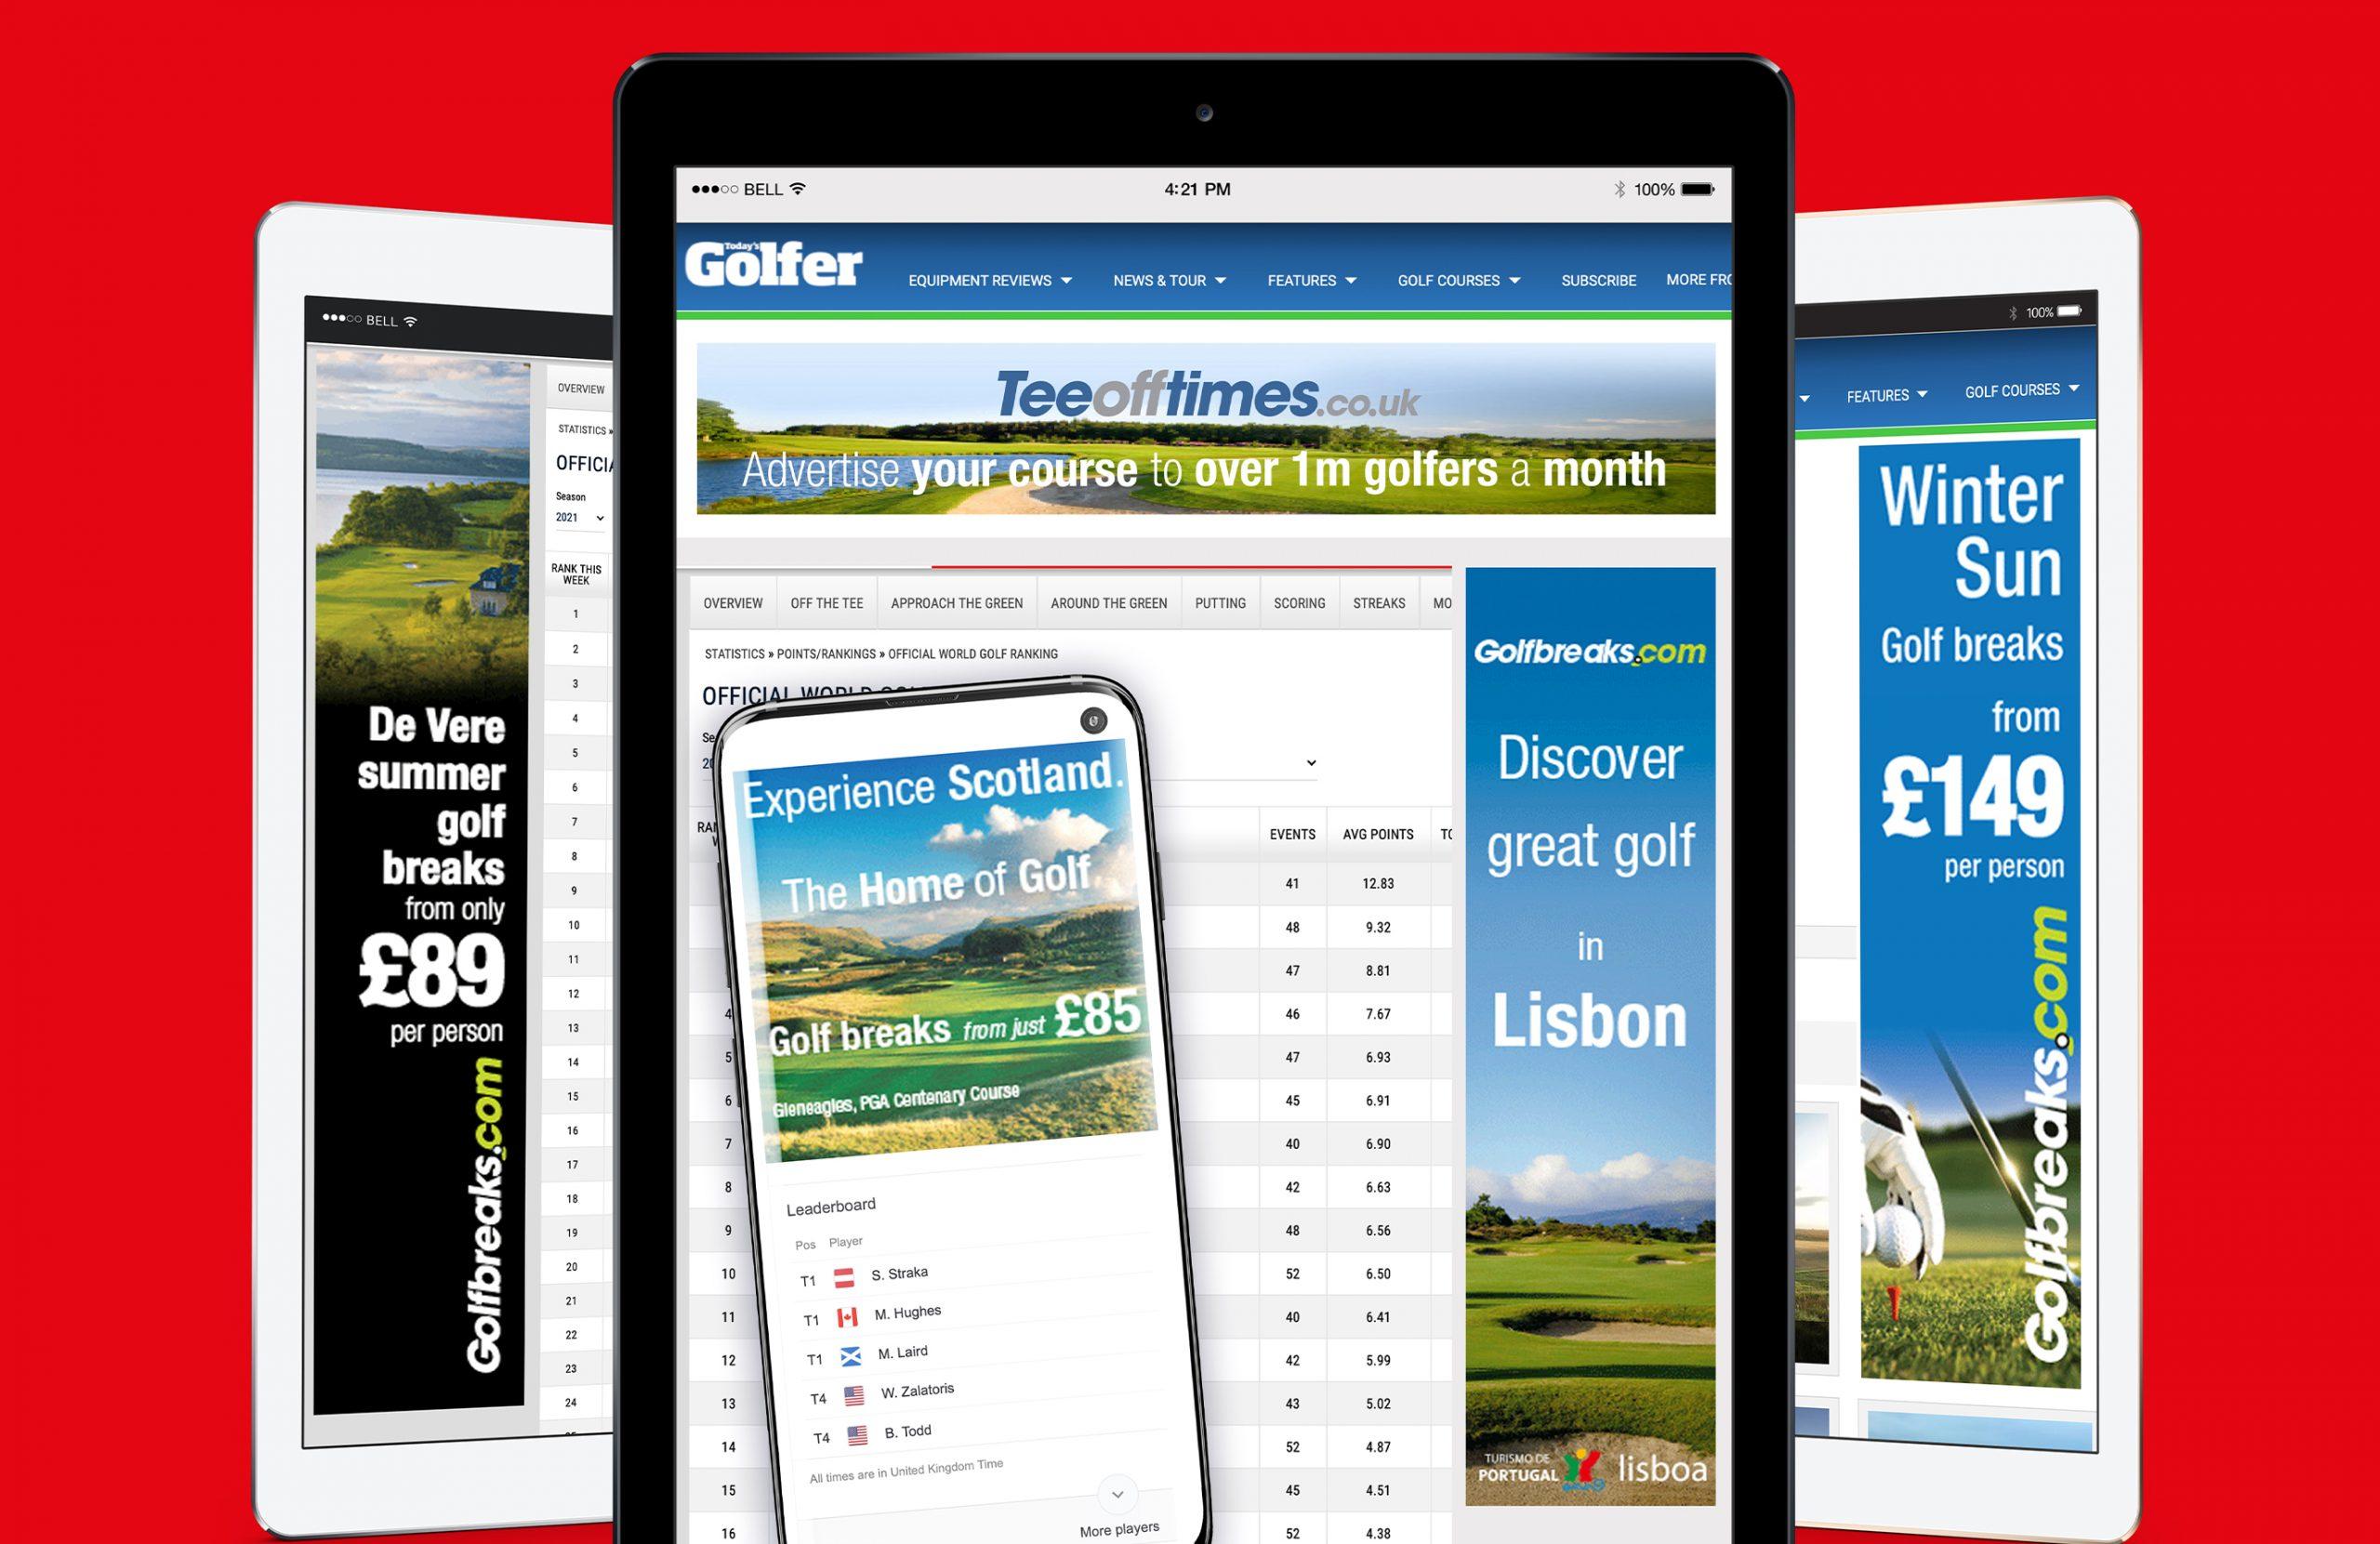 Teeofftime.co.uk mockup banners